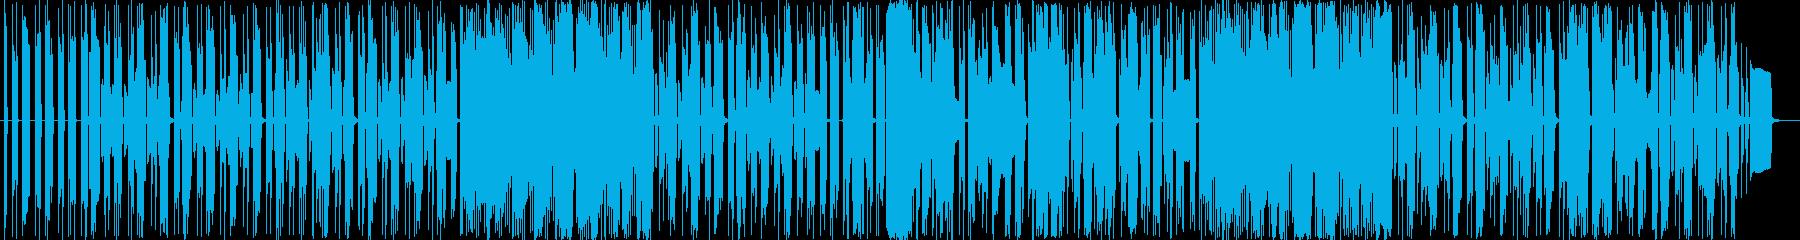 ラブソング。映画音楽にの再生済みの波形